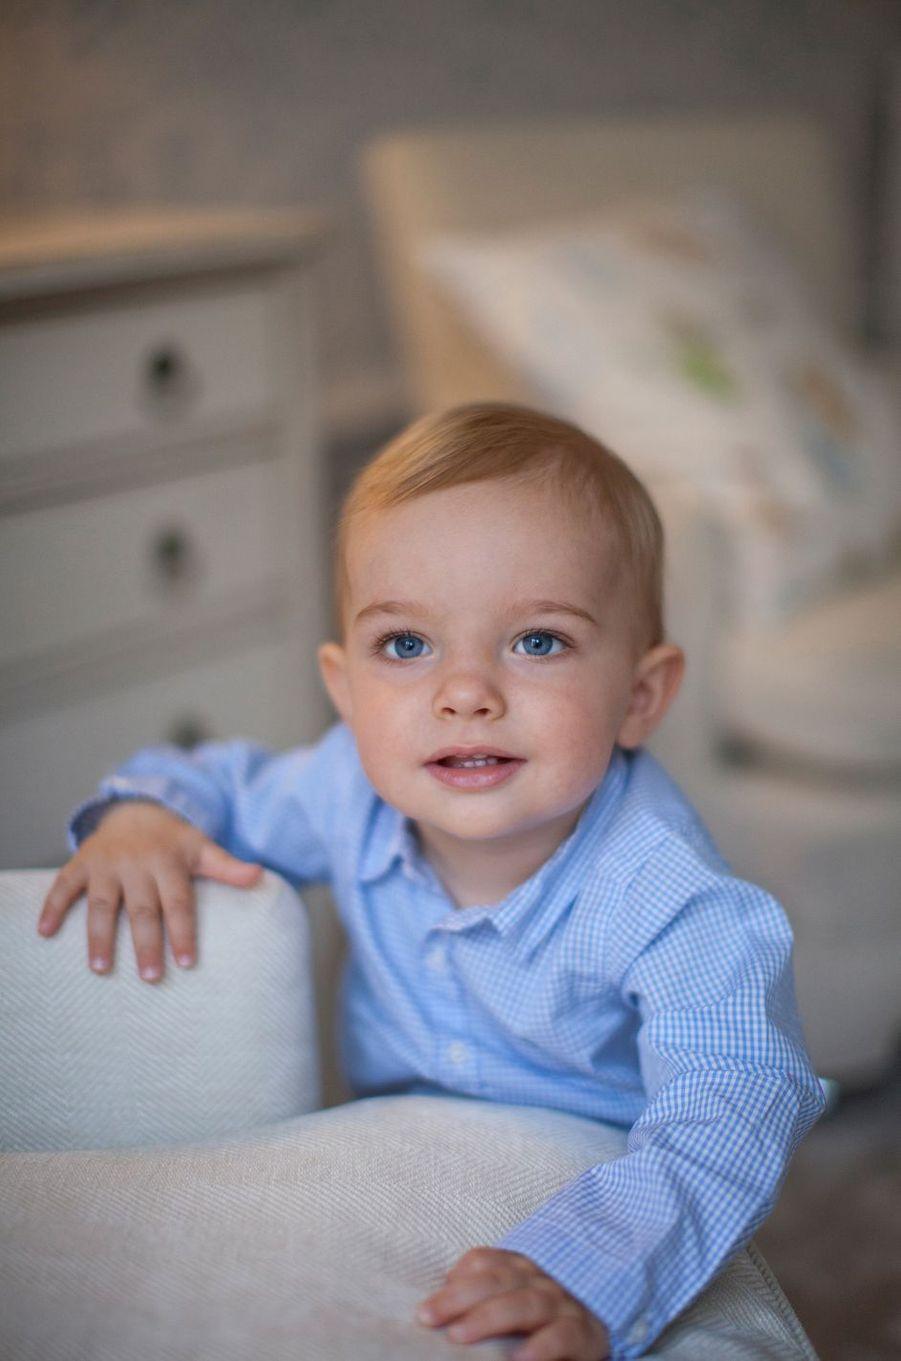 Ce mercredi 15 juin, le petit prince Nicolas, le fils de la princesse Madeleine de Suède et de son mari Christopher O'Neill, a soufflé sa première bougie.L'occasion pour le Palais de révéler une nouvelle photo.